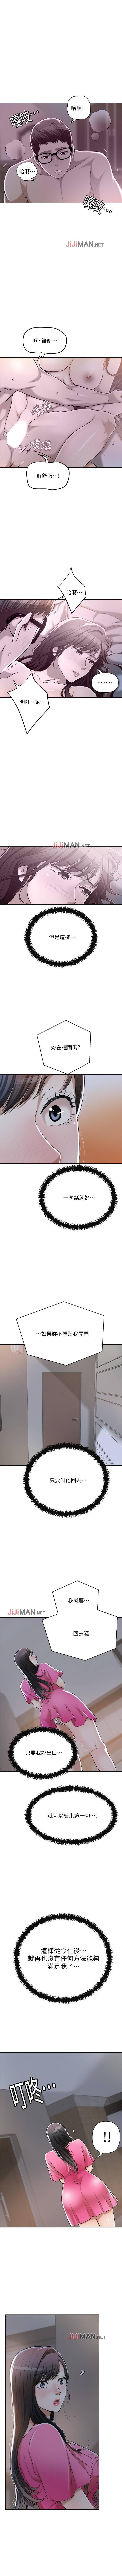 【周四连载】抑慾人妻(作者:月兔&李萬) 第1~22话 173